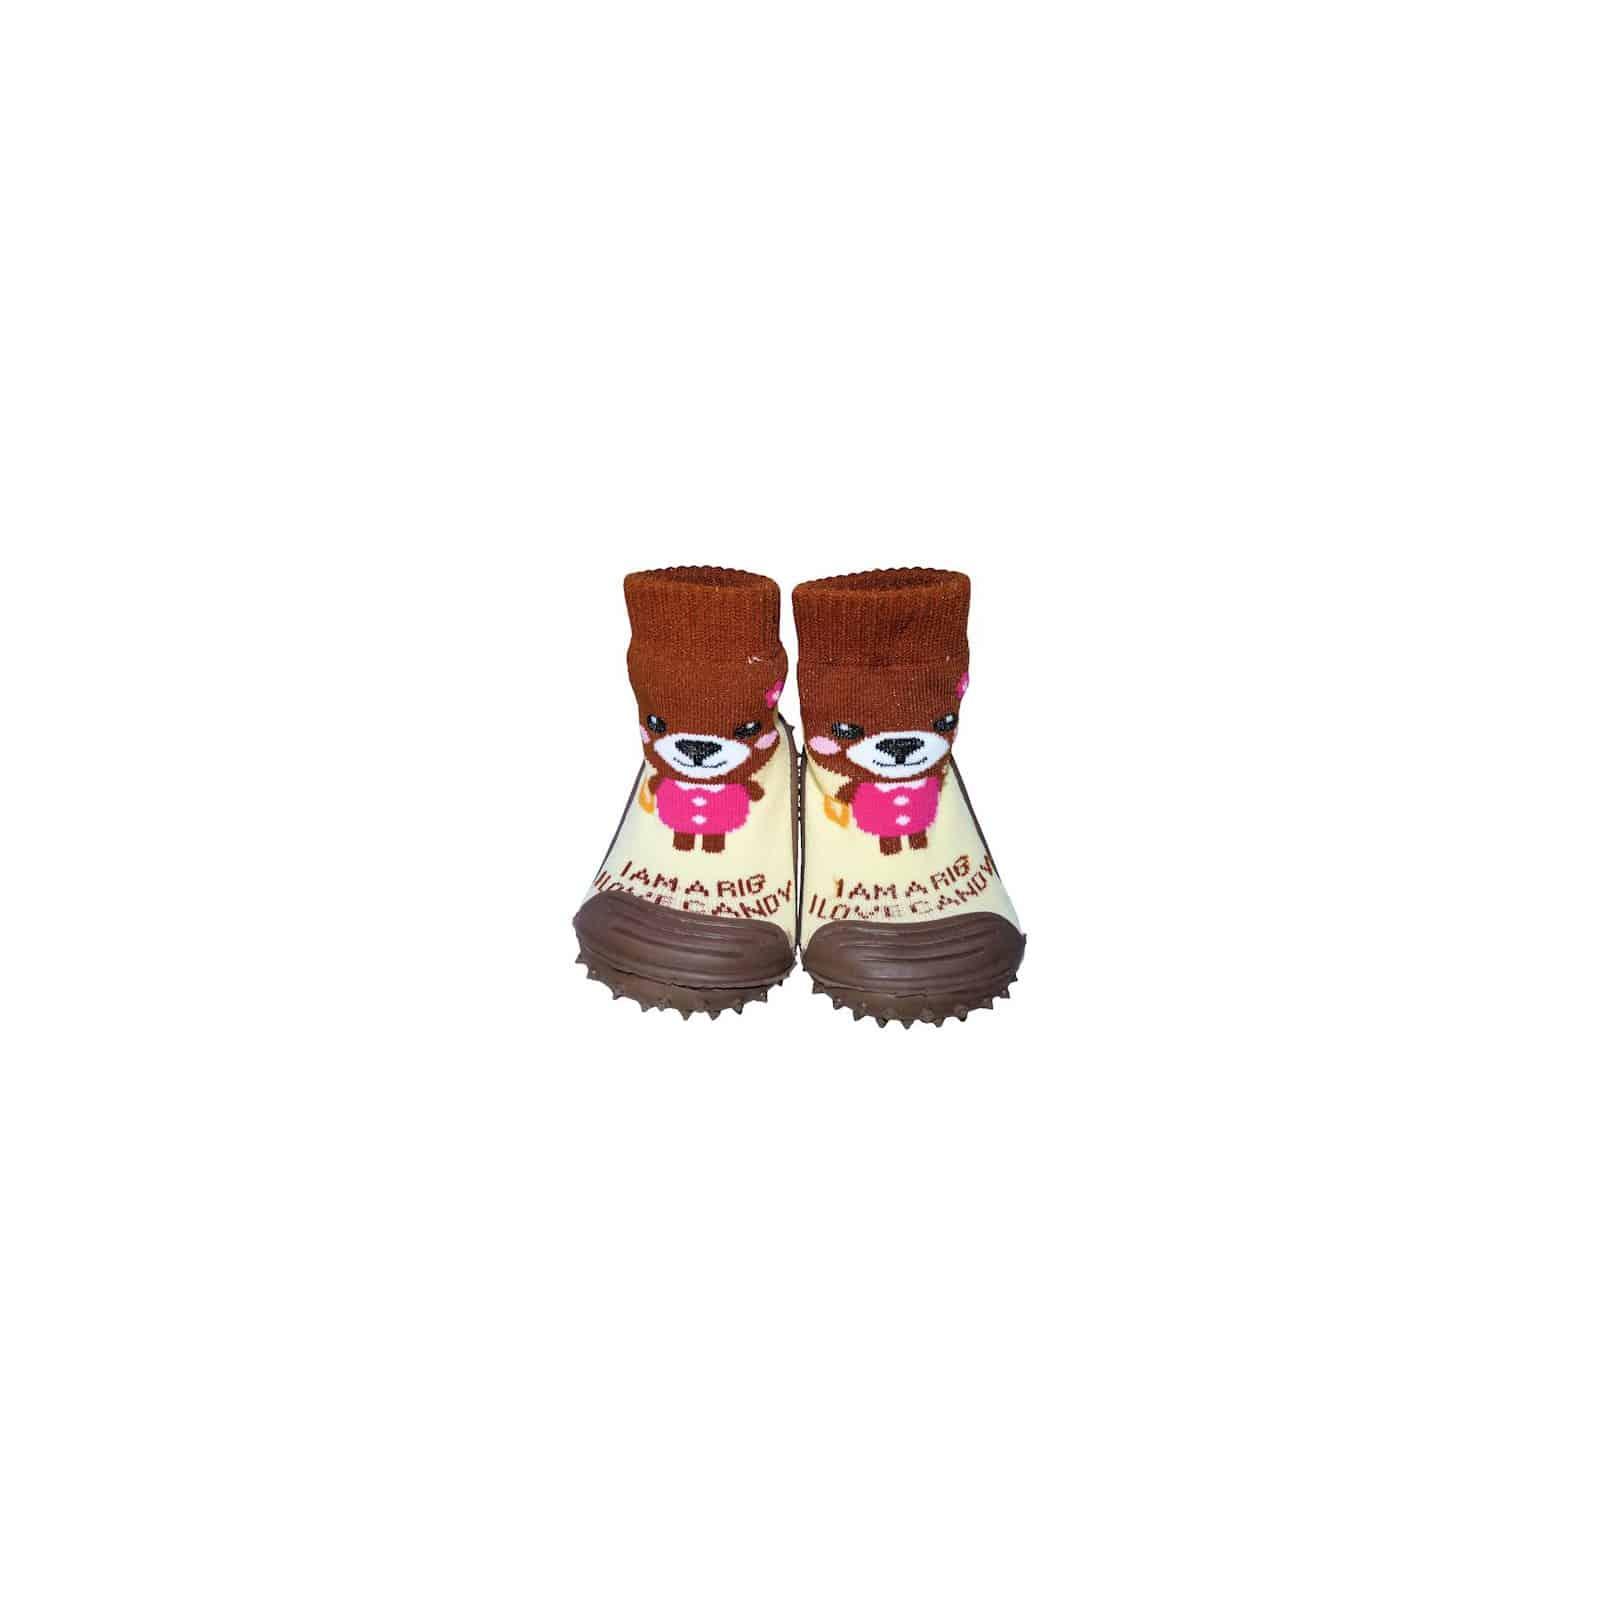 f1f47227954aa Chaussons-chaussettes nourrisson antidérapants semelle souple